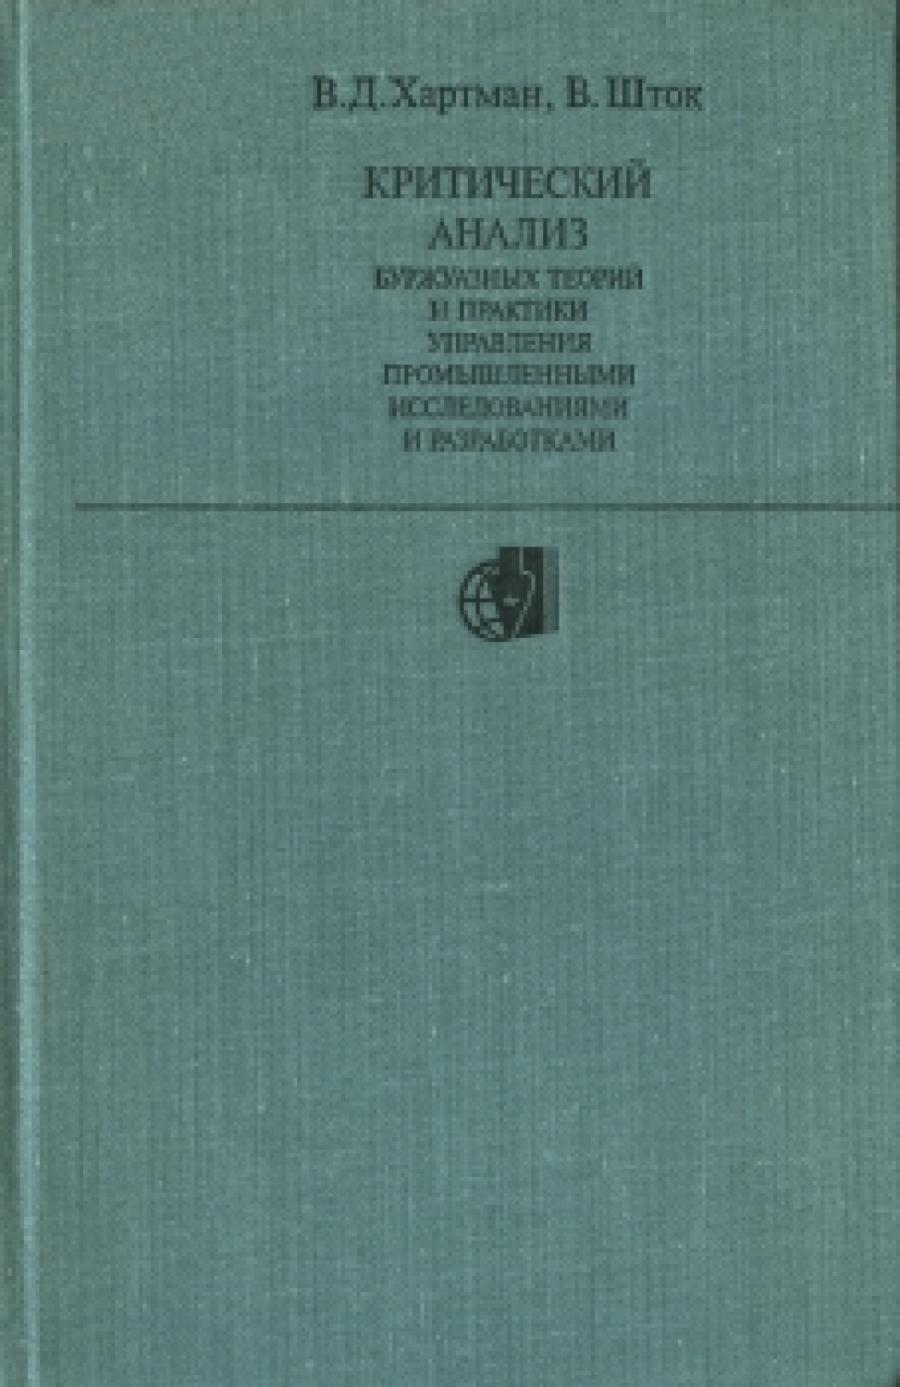 Обложка книги:  хартман, в. д., шток в. - критический анализ буржуазных теорий и практики управления промышленными исследования и разработками